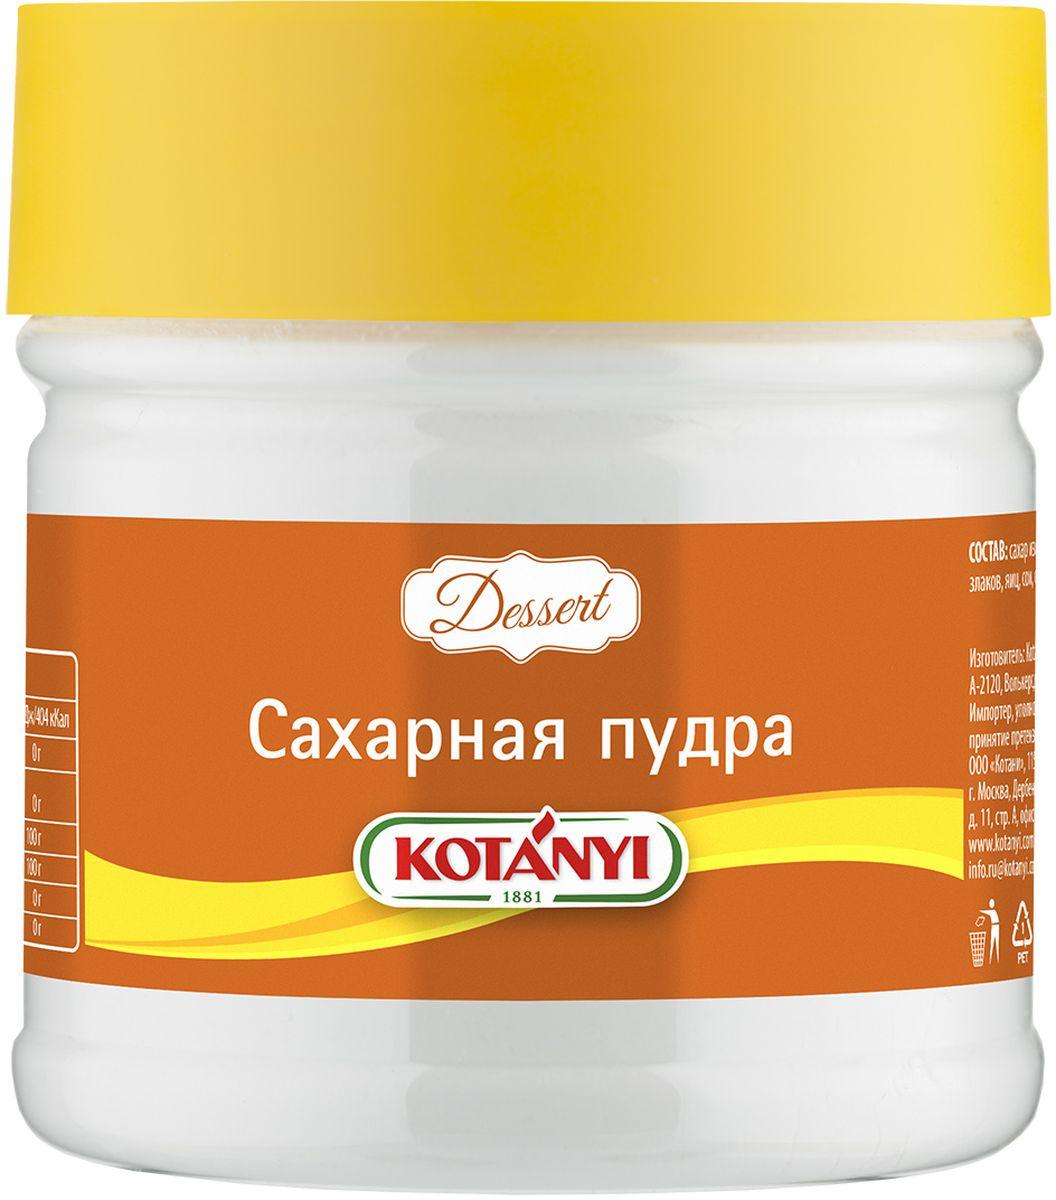 Kotanyi Сахарная пудра, 200 г